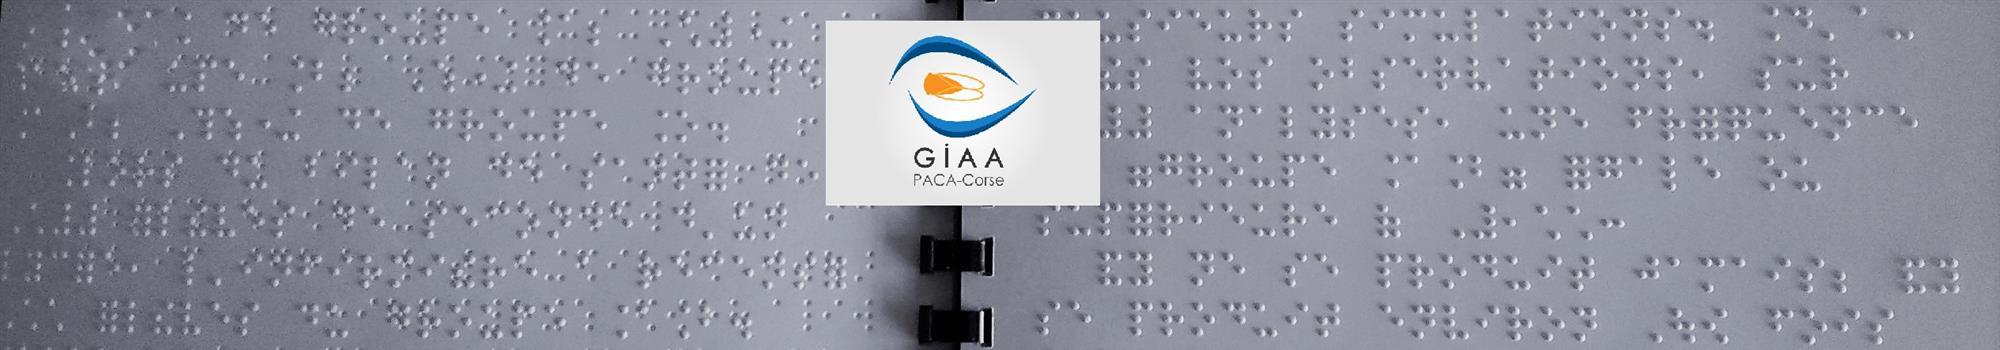 mobilisons nous pour l 39 adaptation des manuels scolaires en braille. Black Bedroom Furniture Sets. Home Design Ideas